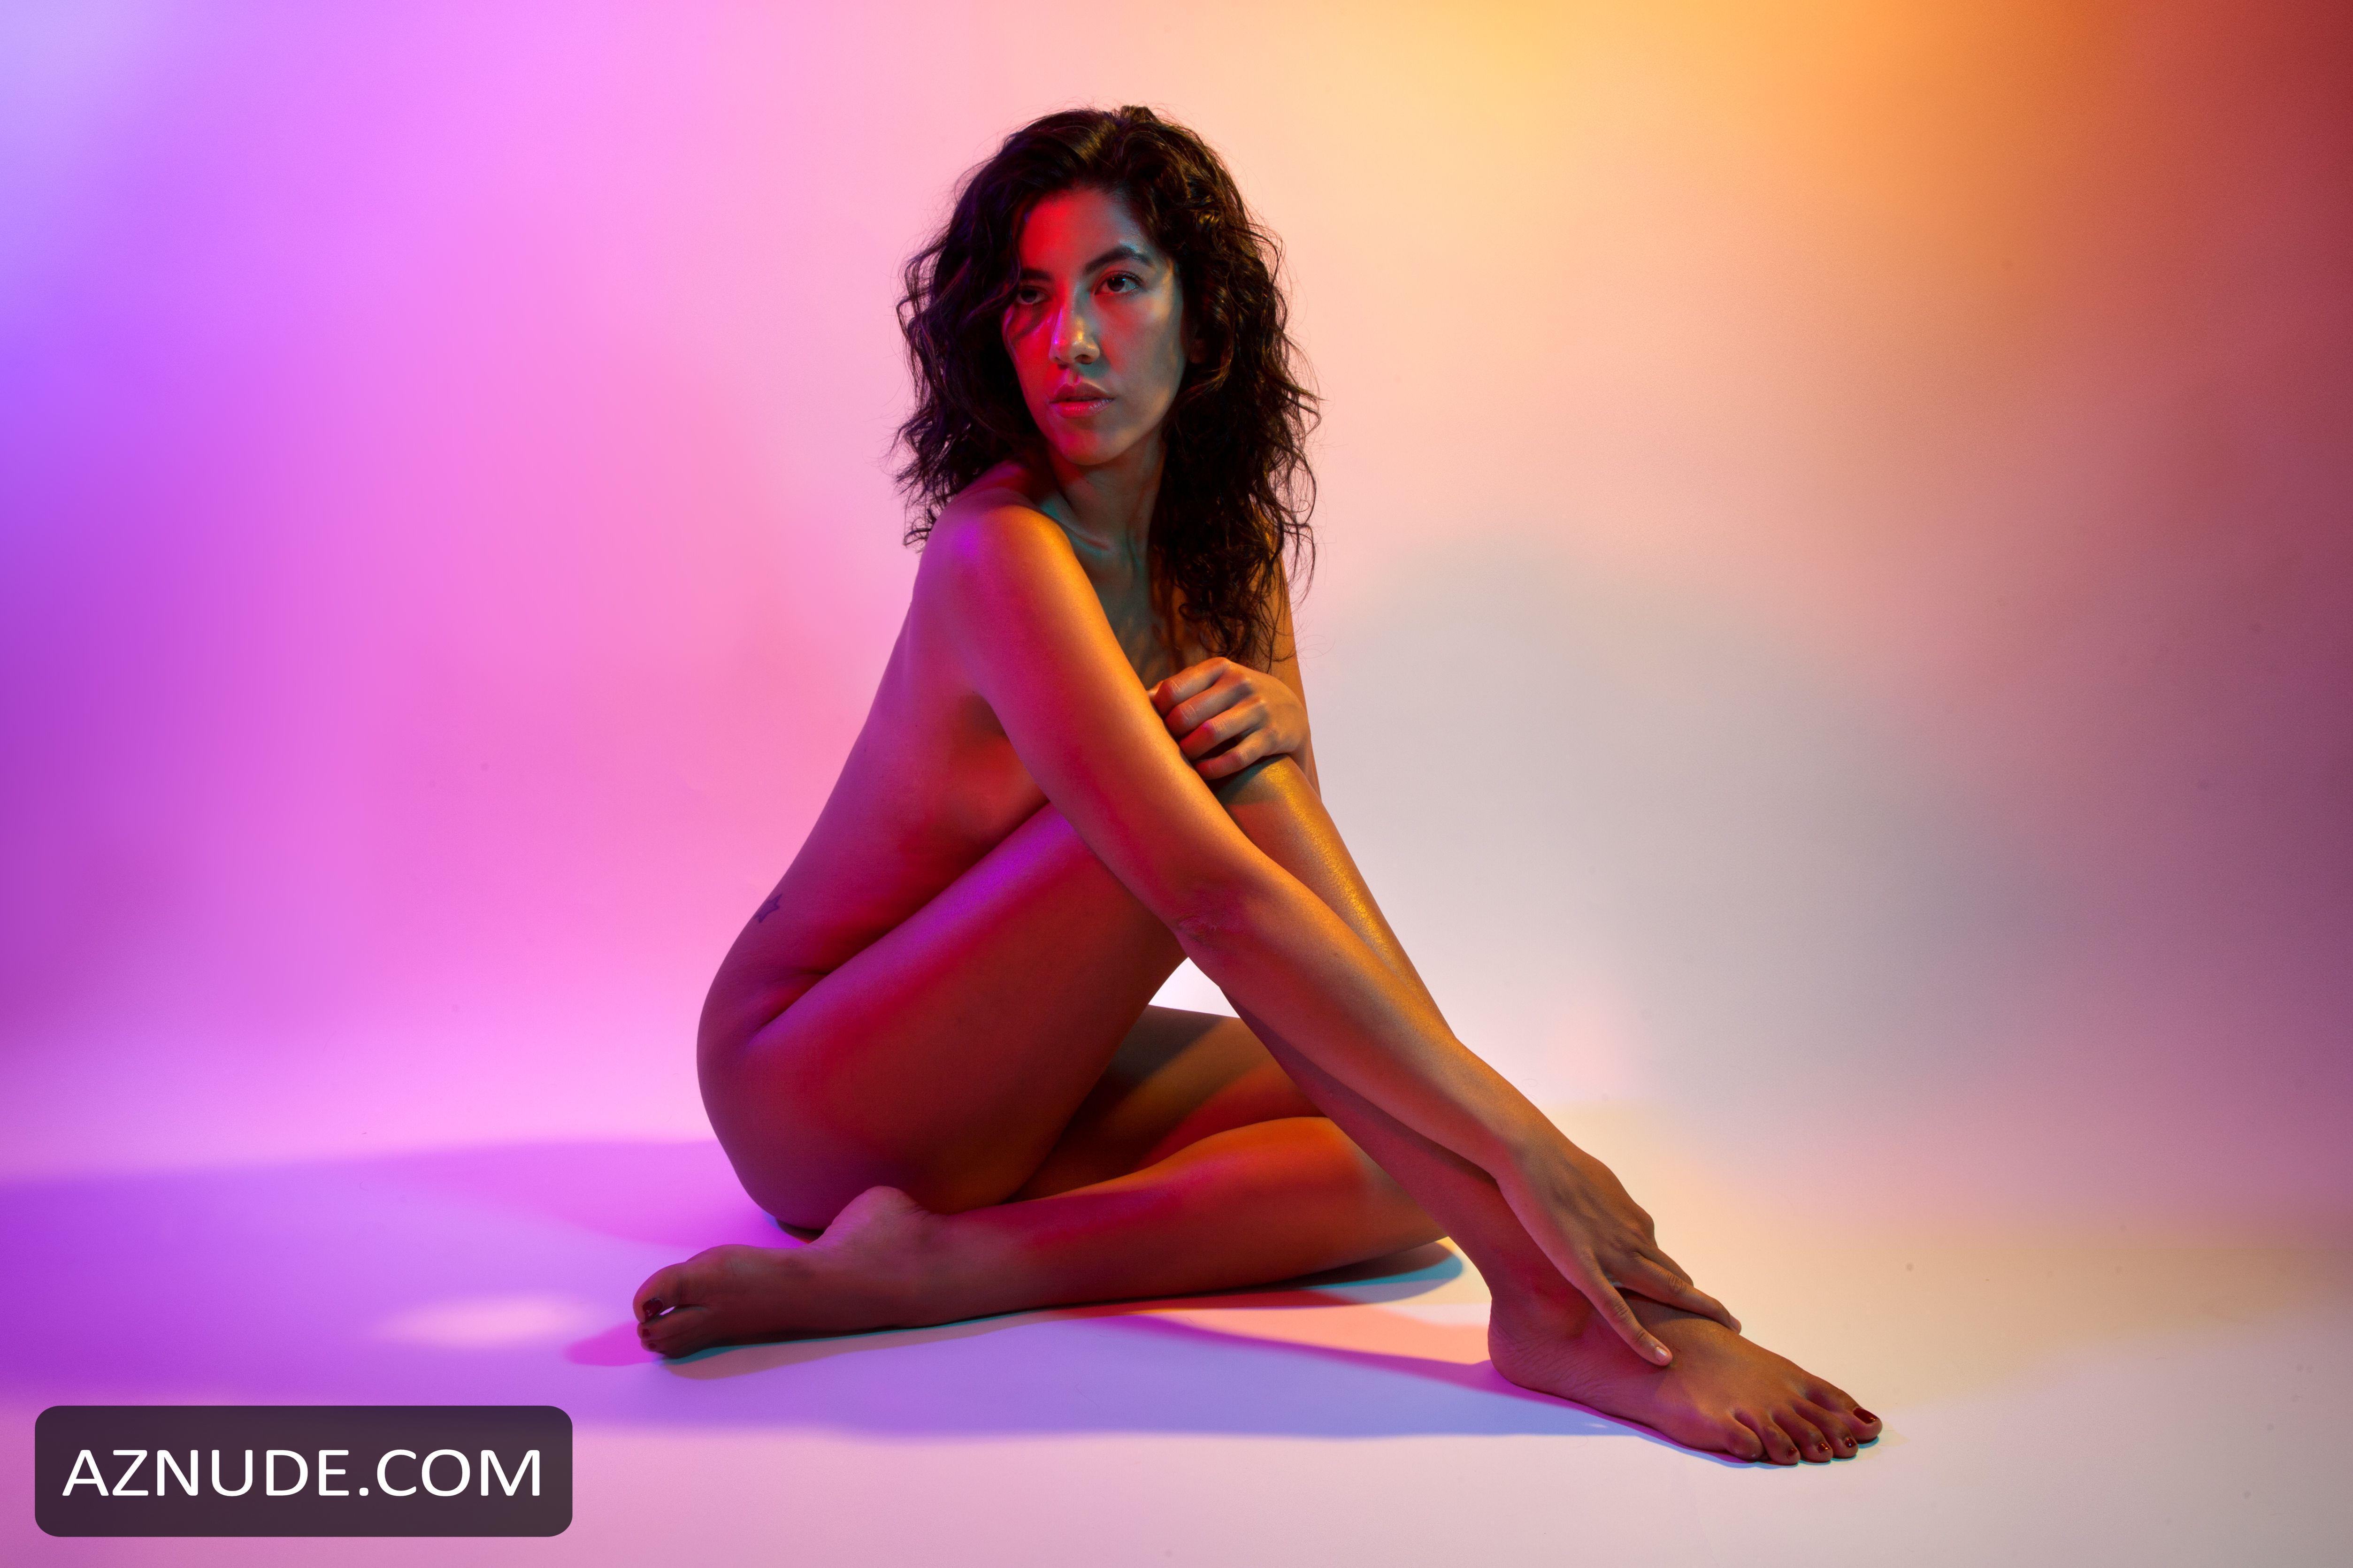 Stephanie Beatriz Nude